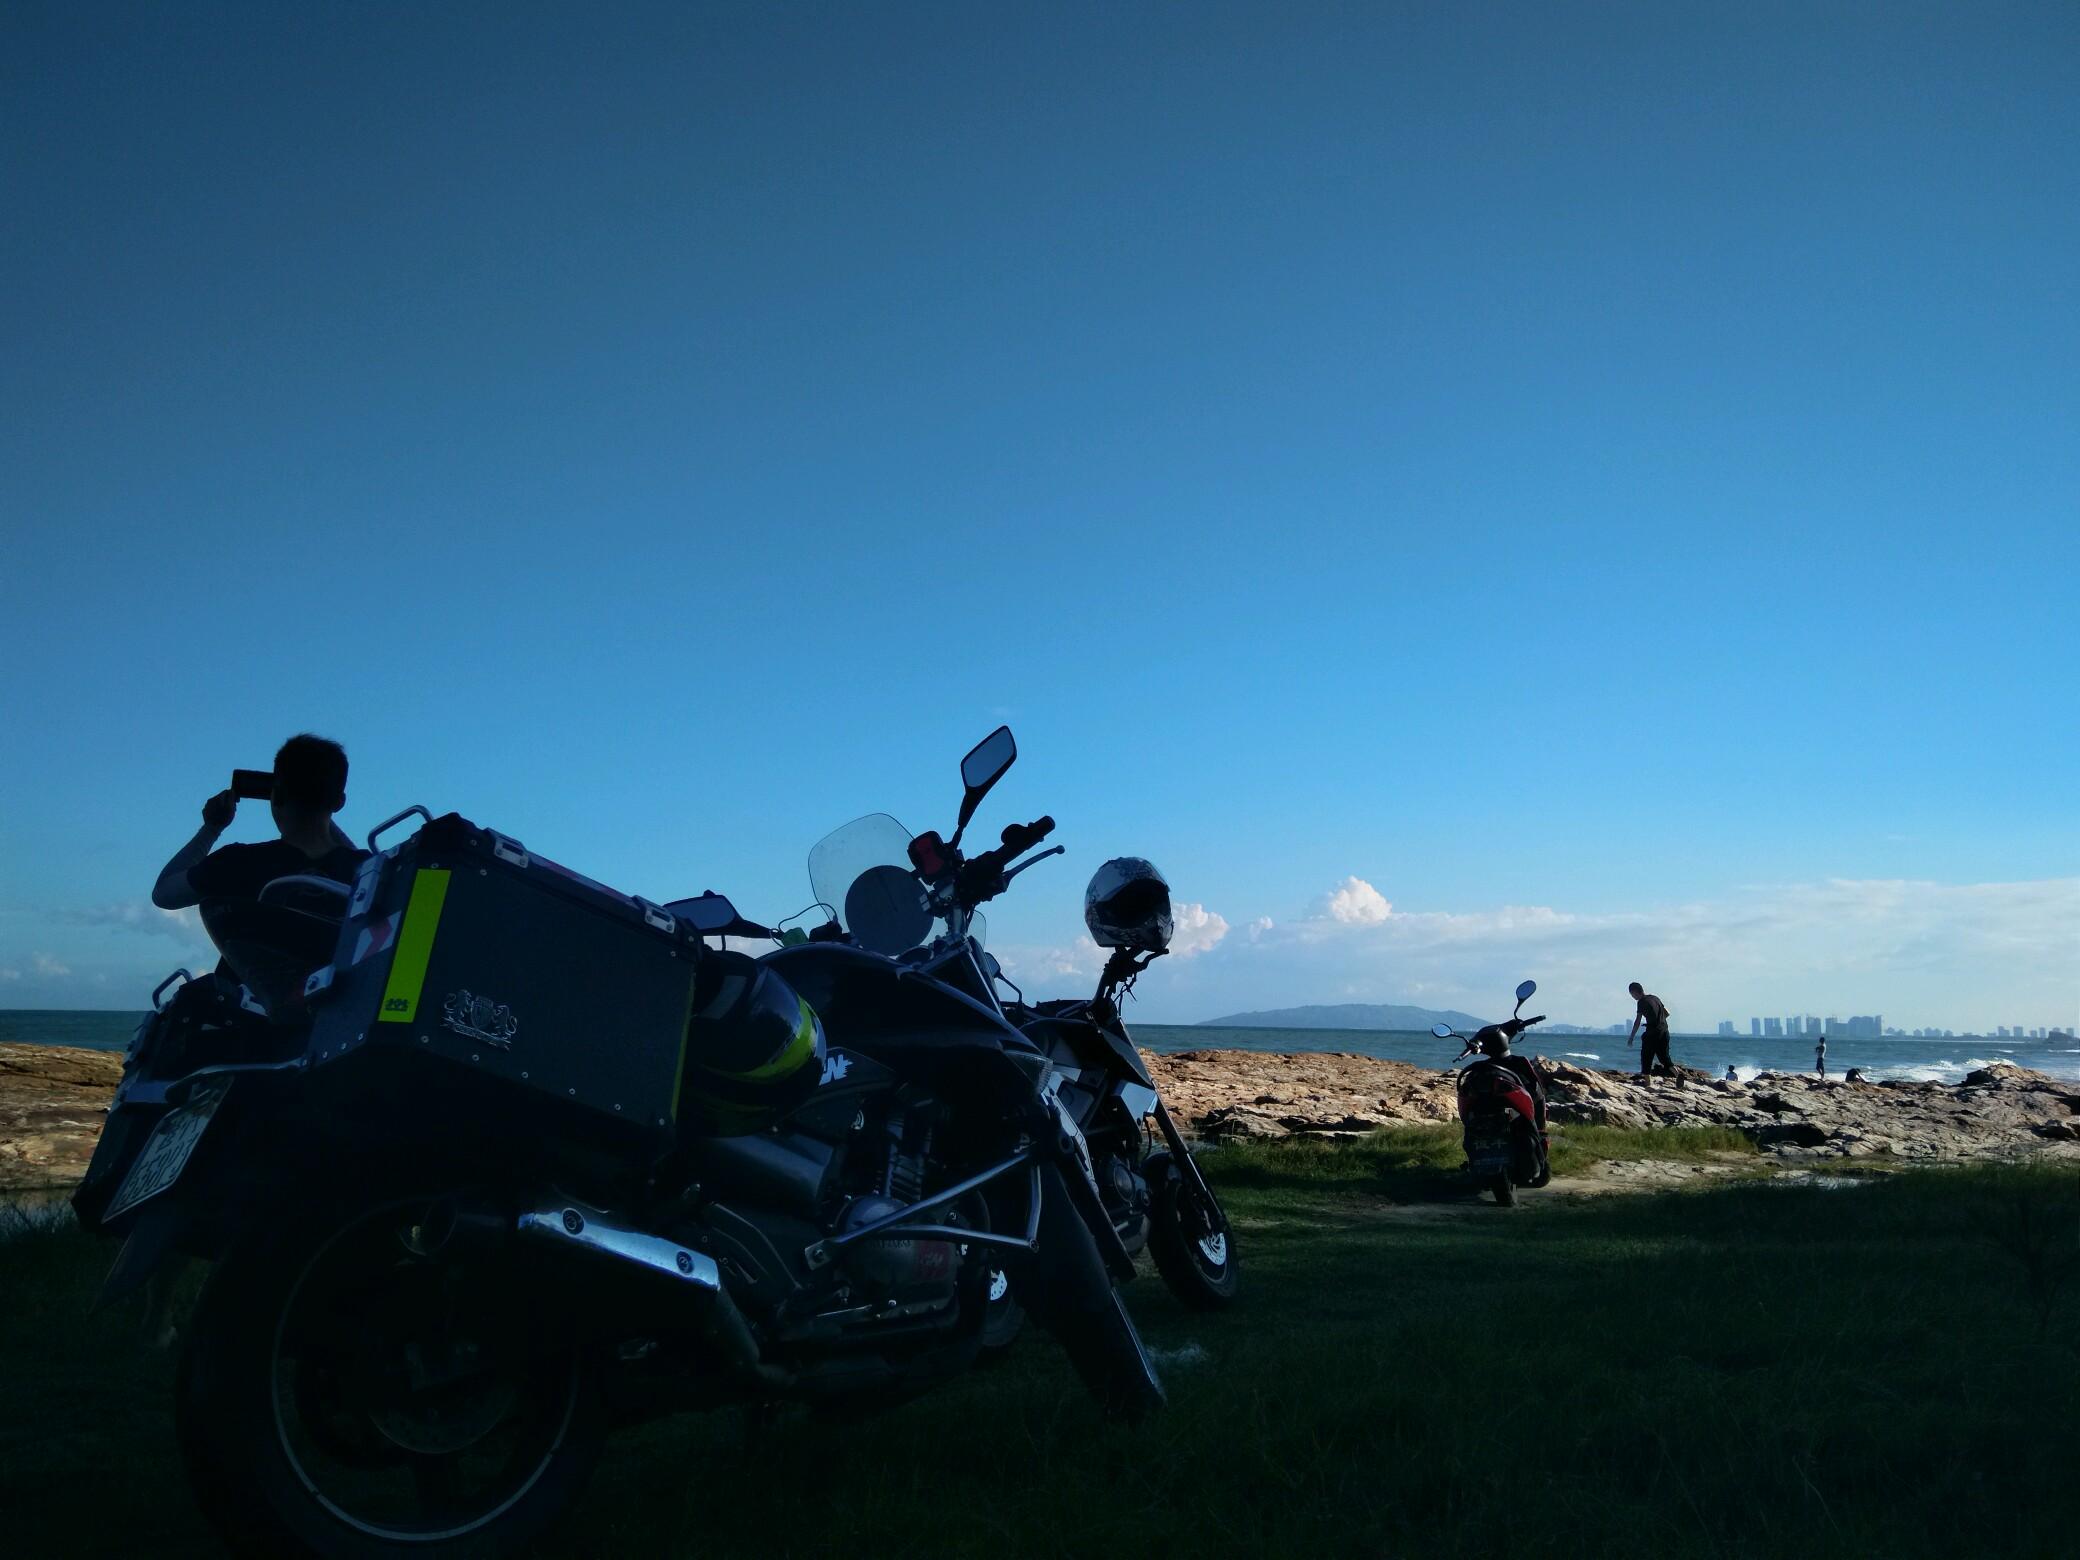 摩旅就是为了遇见最美的风景